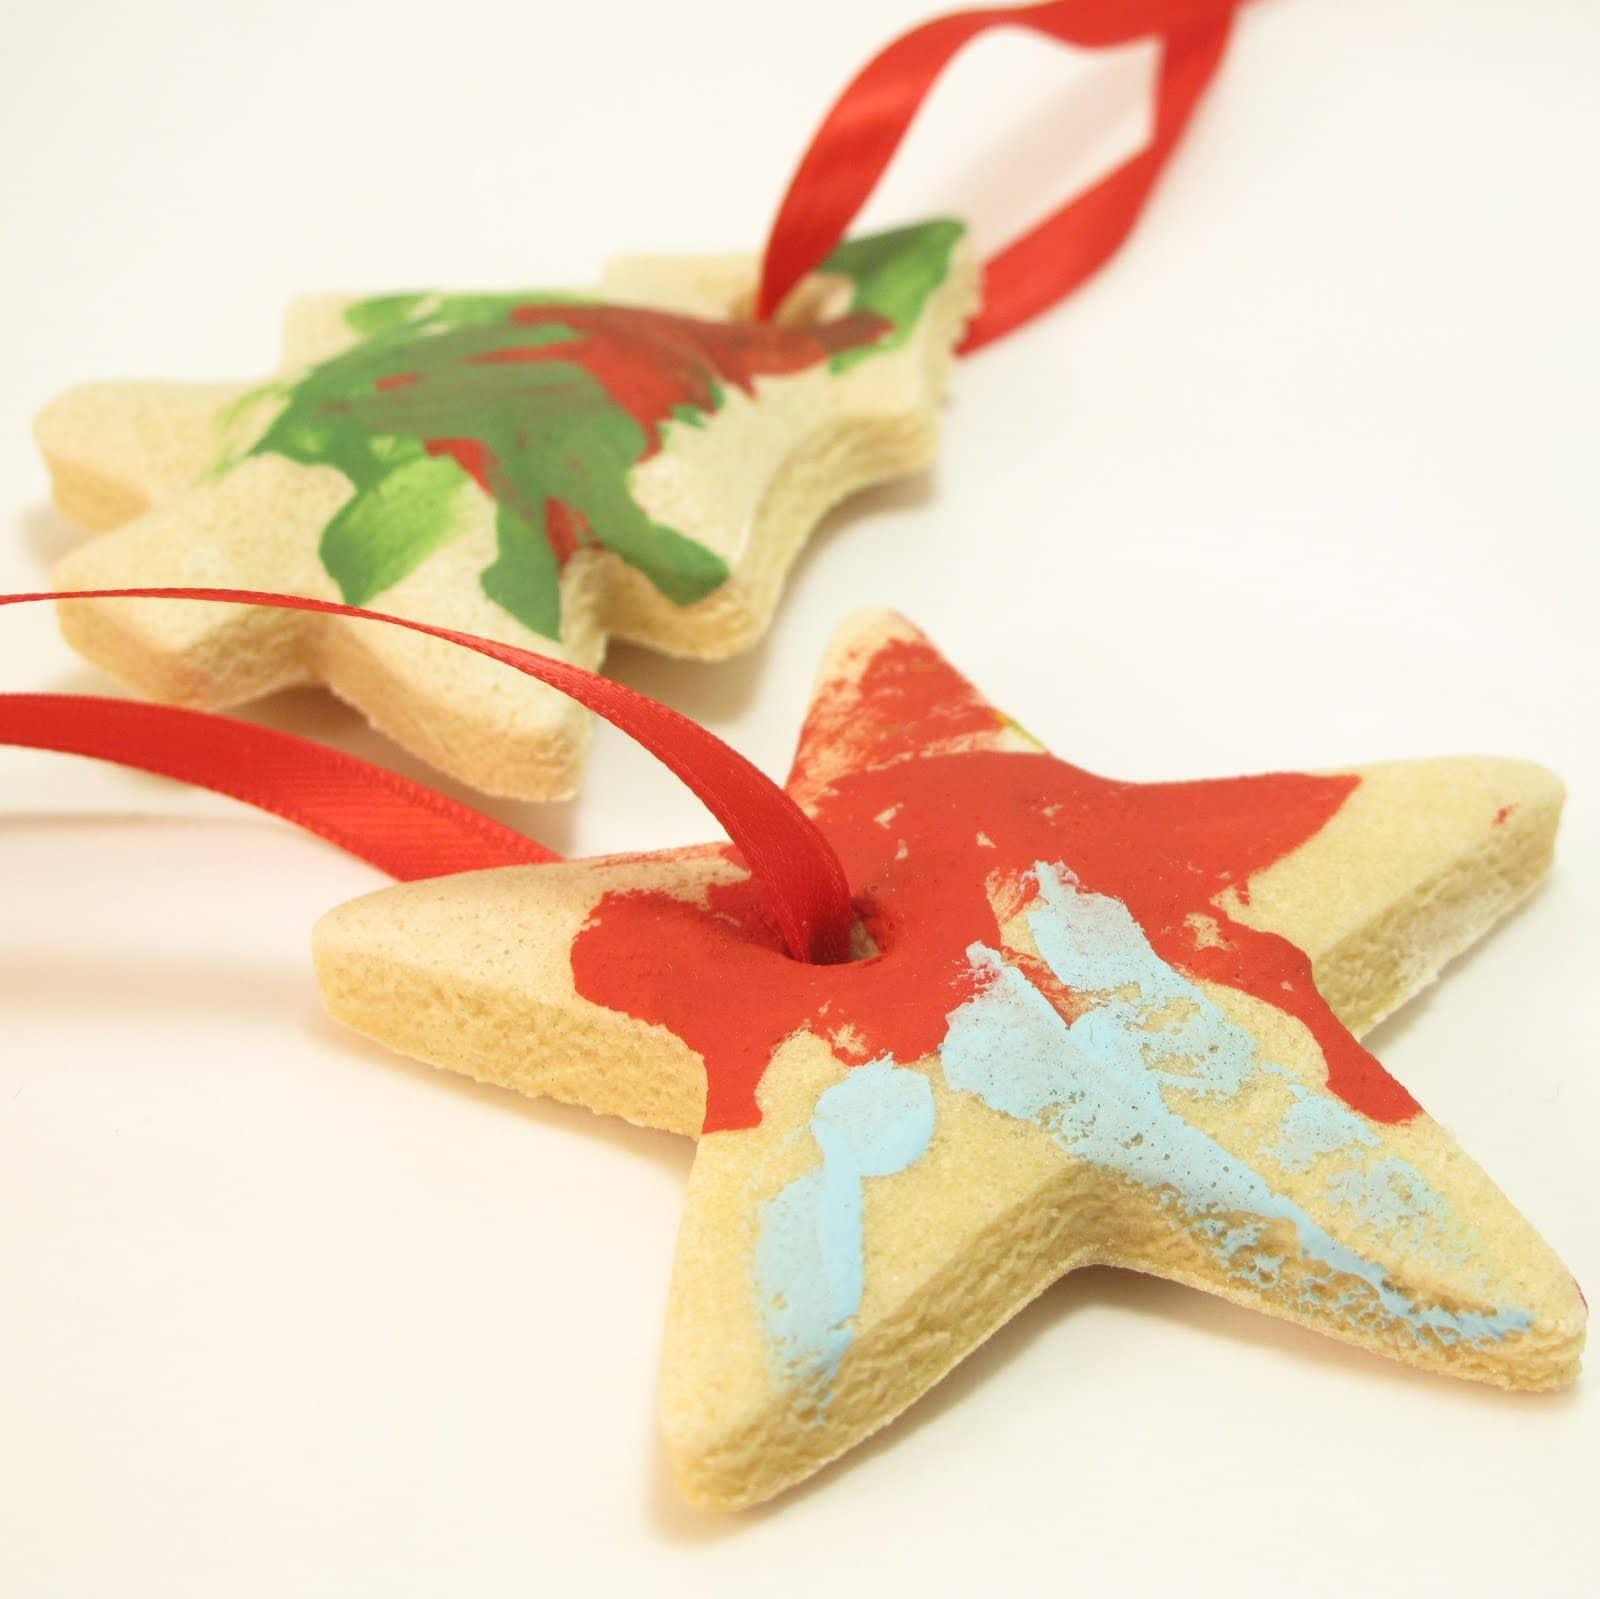 Salt Dough Ornaments Recipe For DIY Kid-friendly Ornaments